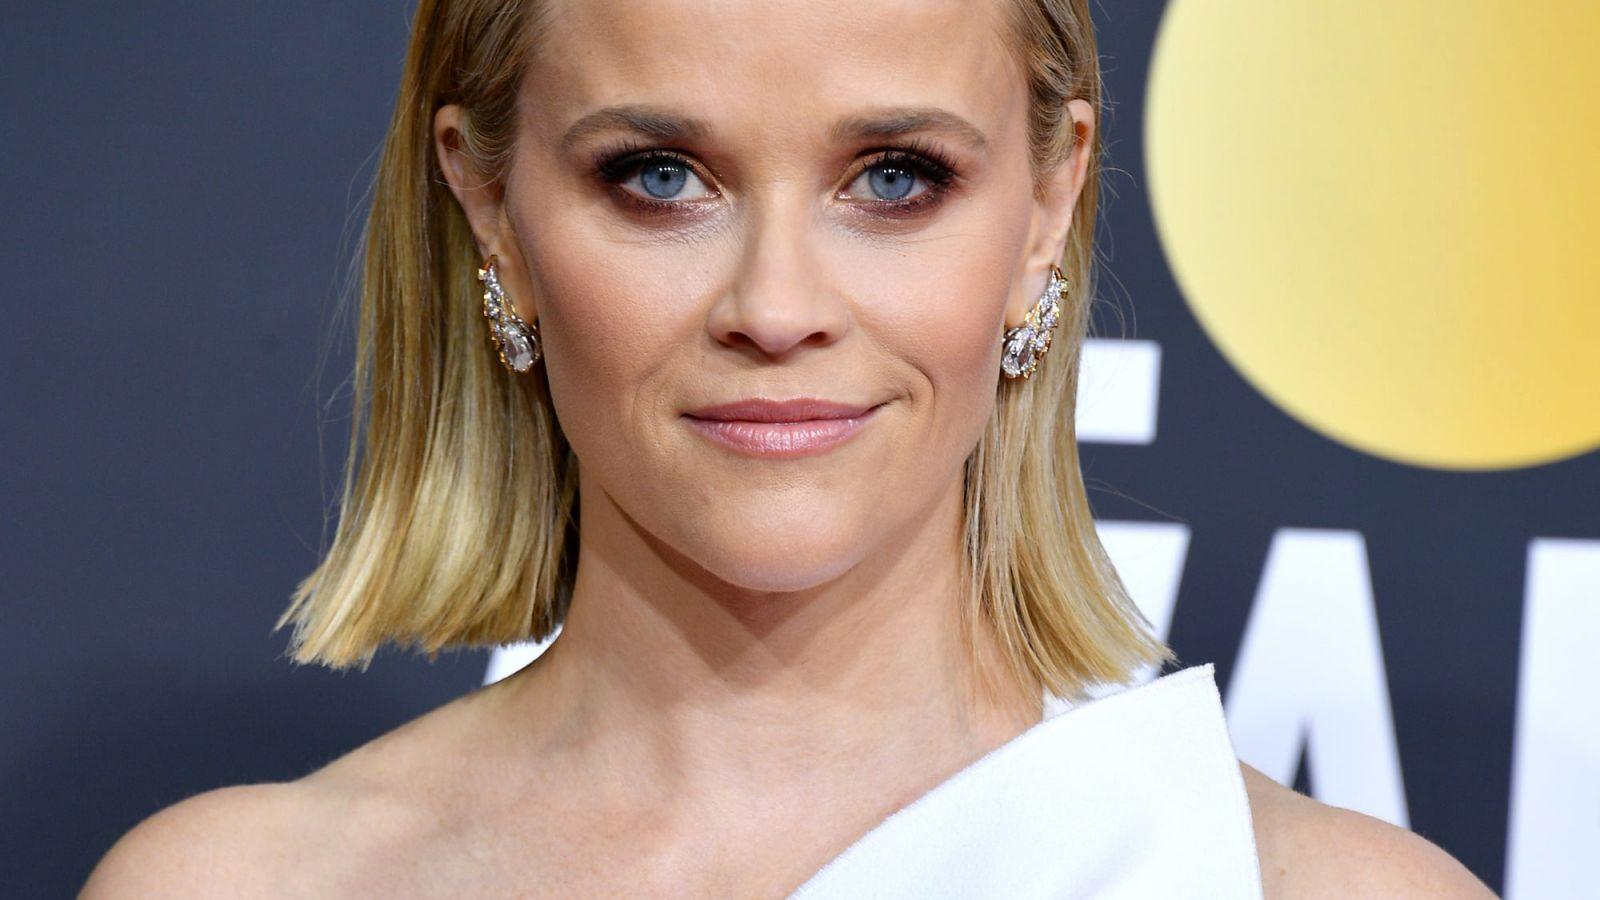 Εκεί που τραγουδάνε οι καραβίδες: Η Reese Witherspoon μεταφέρει στη μεγάλη οθόνη το αγαπημένο της βιβλίο